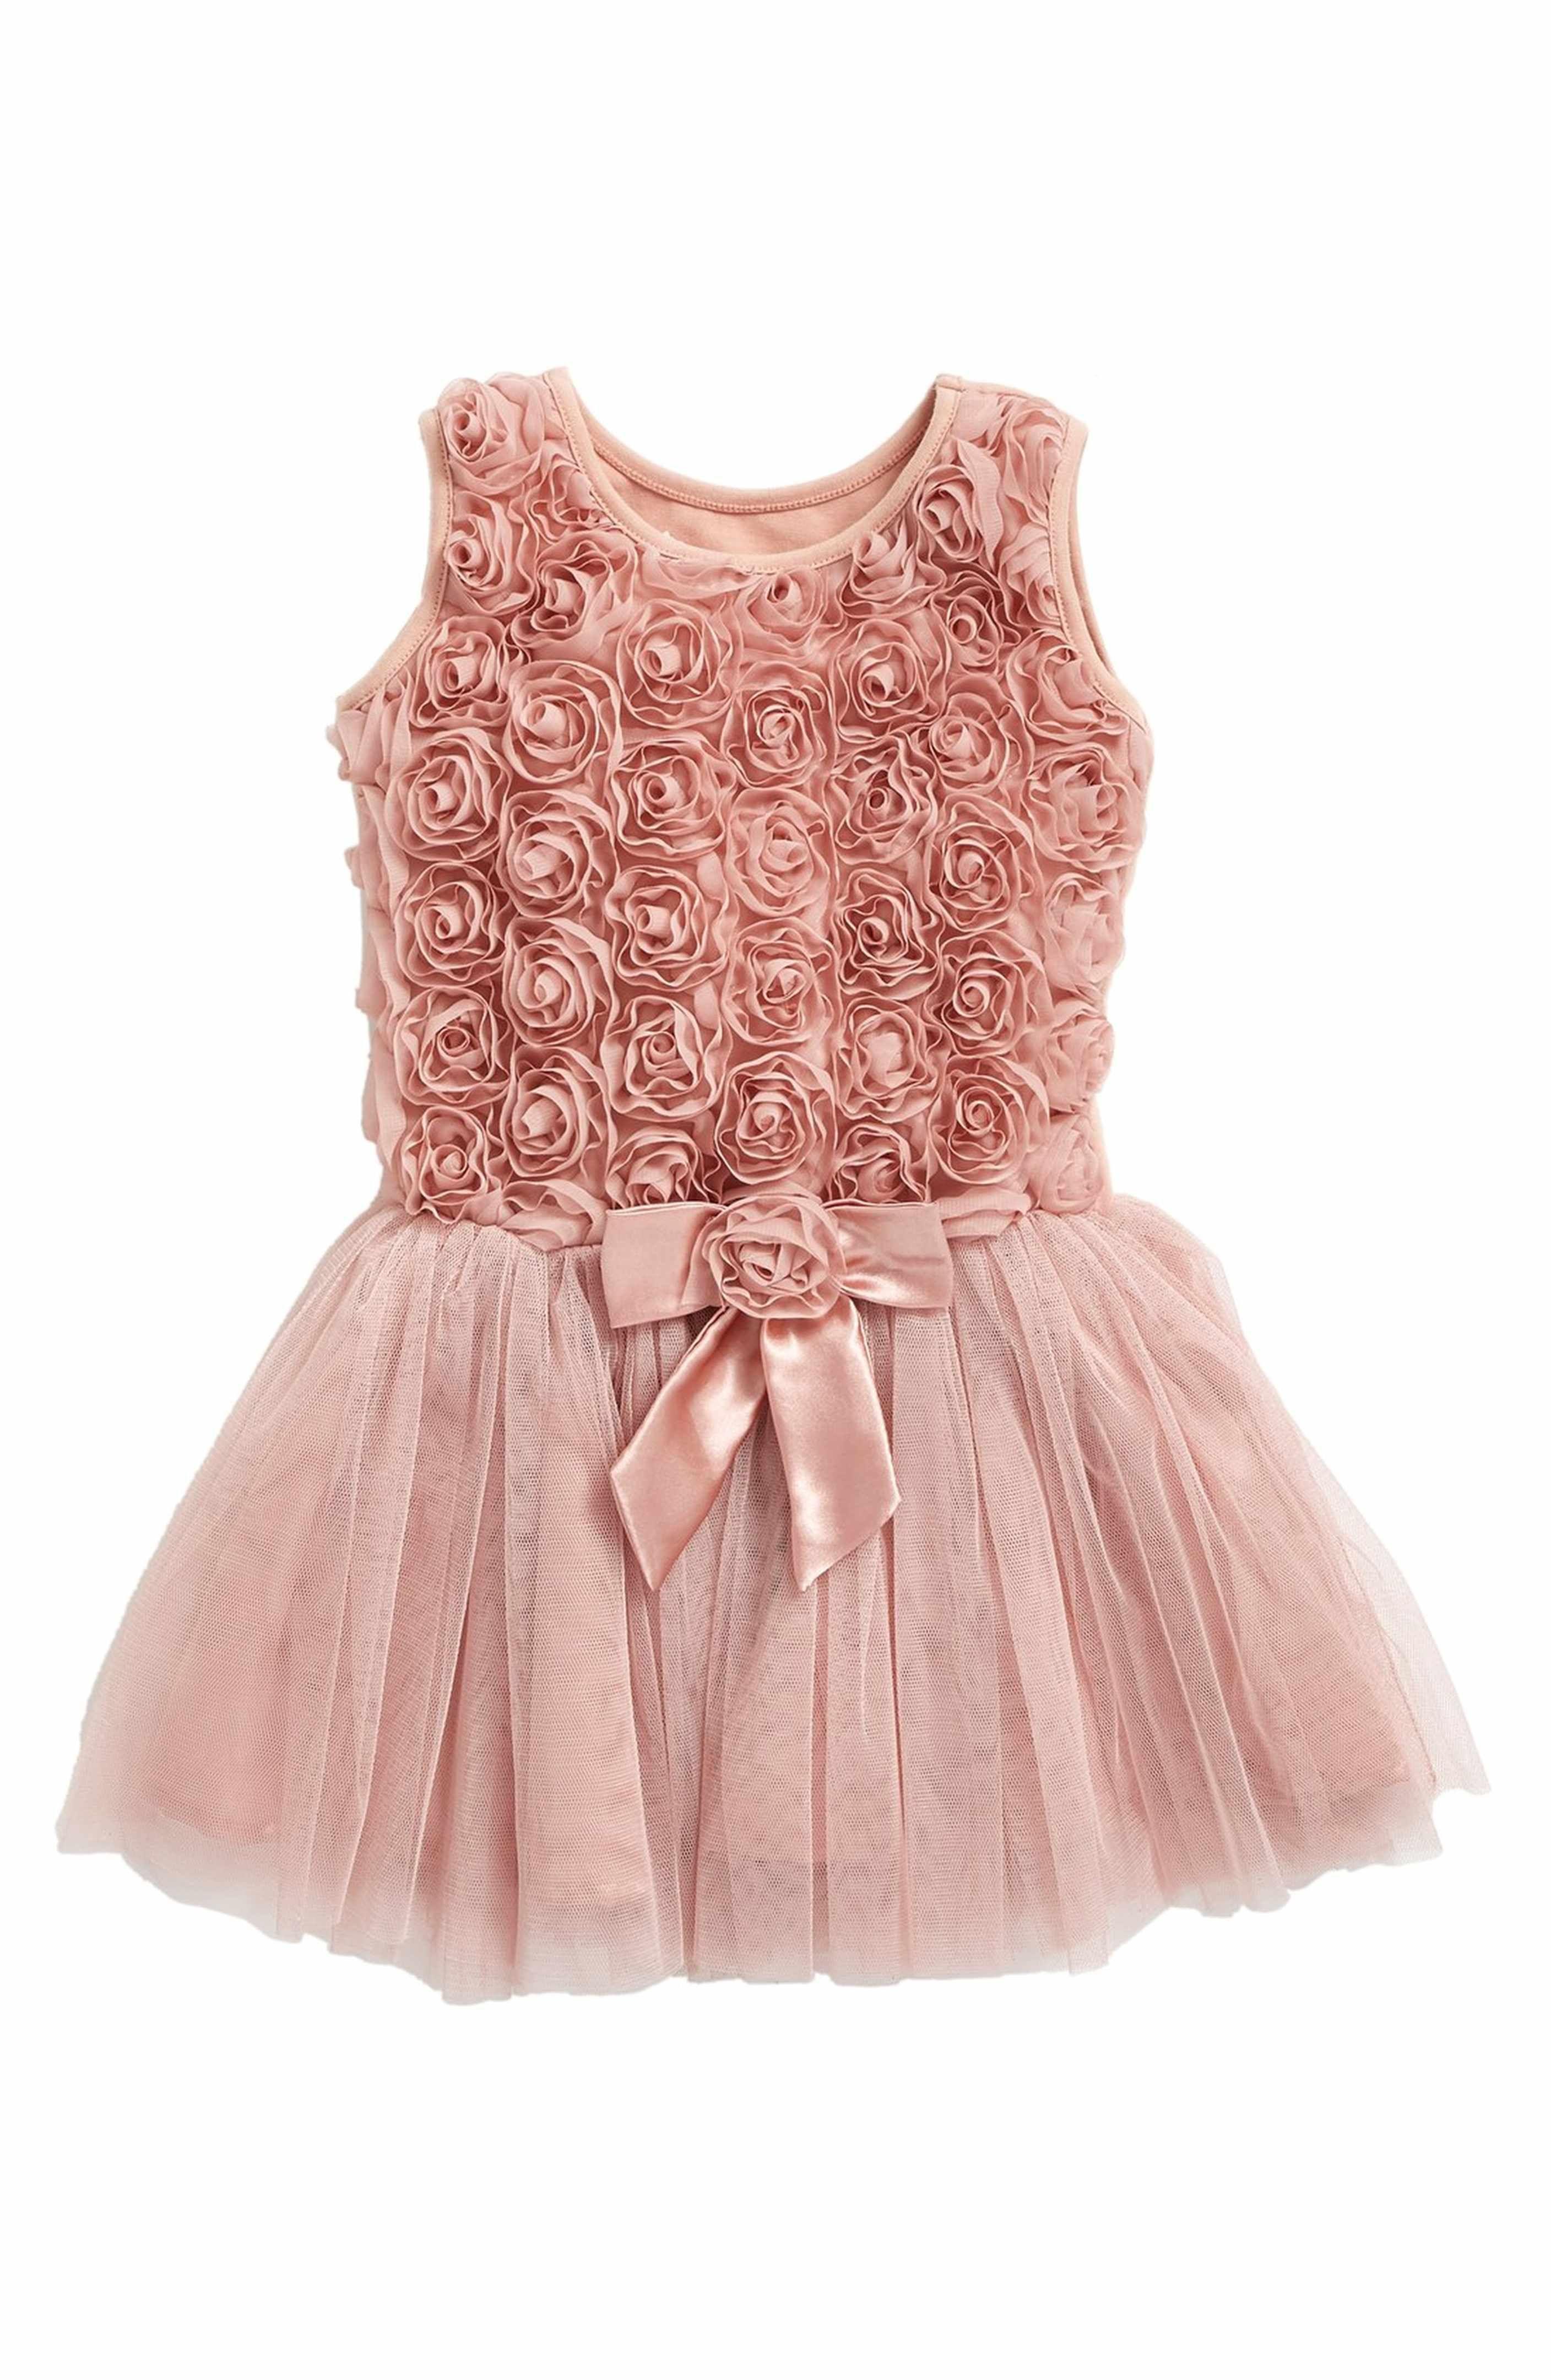 Ribbon Rosette Tutu Dress